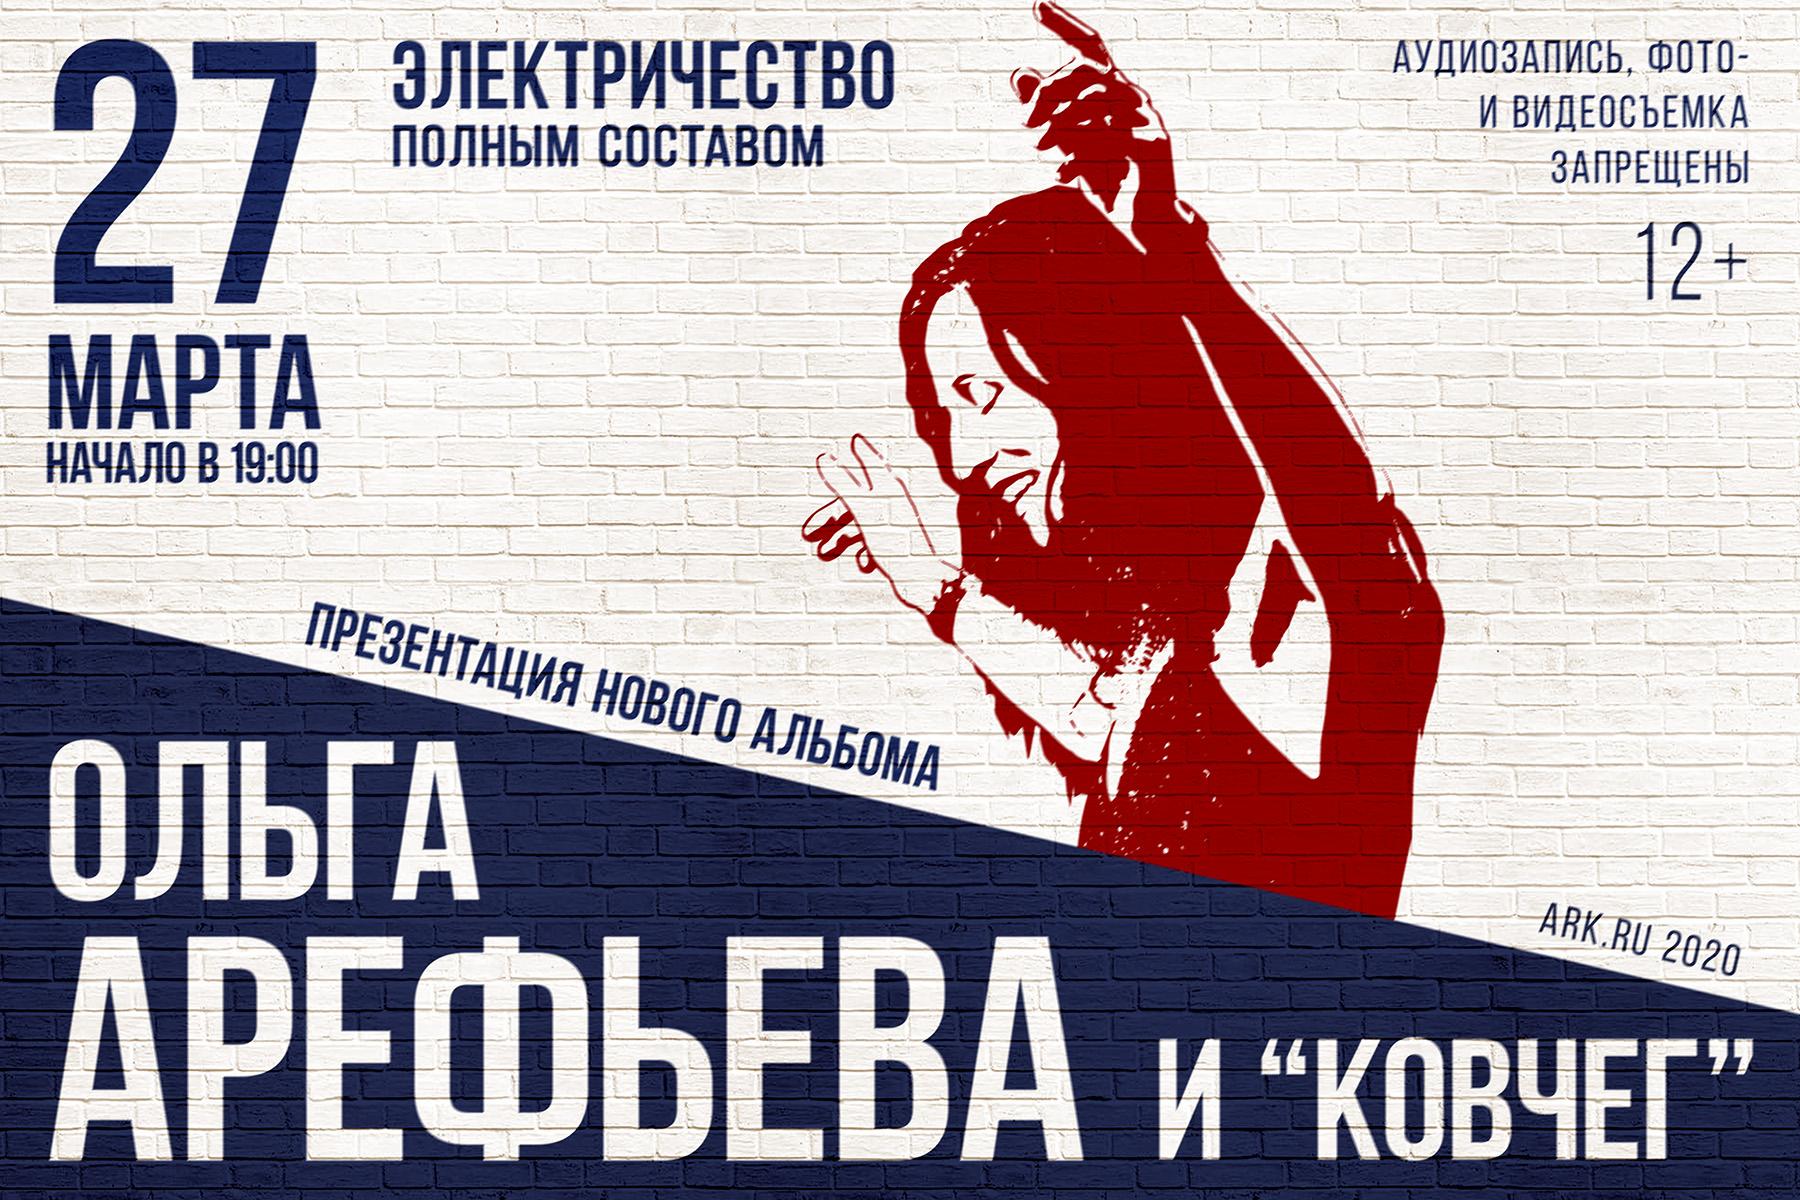 Концерт-презентация нового альбома Ольги Арефьевой Хина 27 марта 2020 в московском Цирке Танцующих Фонтанов Аквамарин